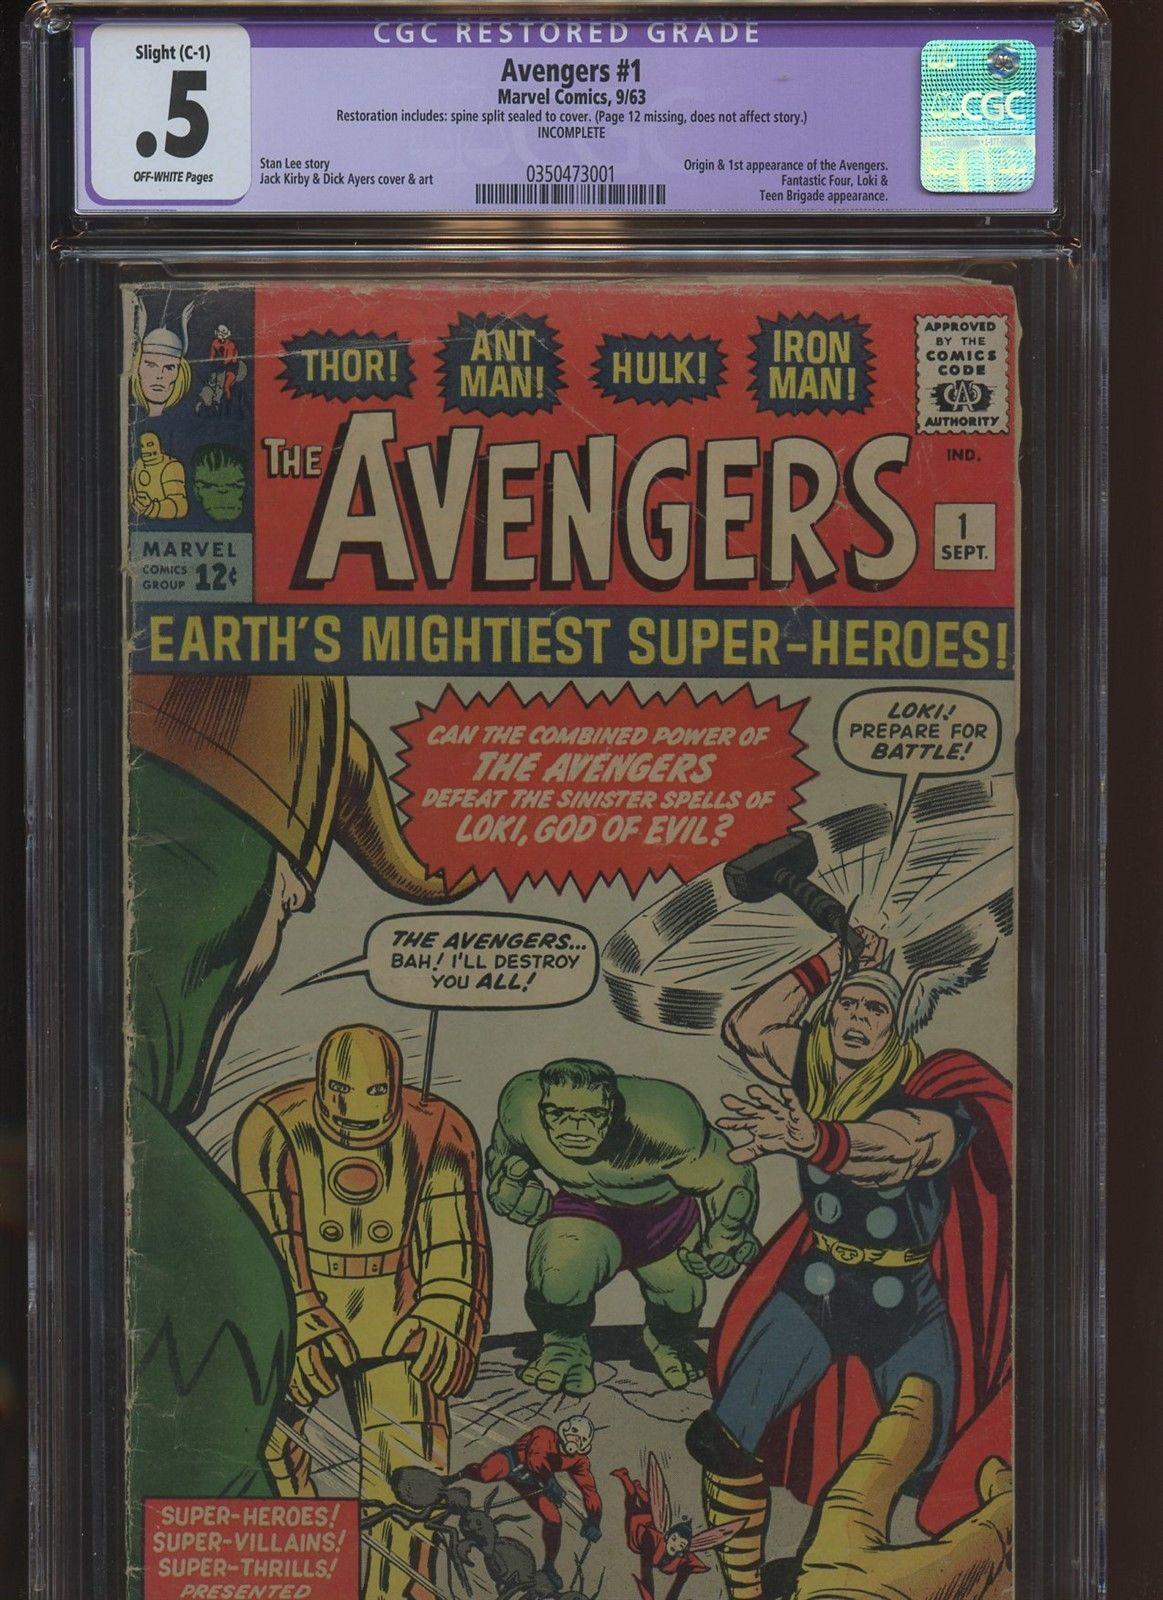 Avengers 1 CGC Restored 0.5 | Marvel 1963 | Origin & 1st Avengers